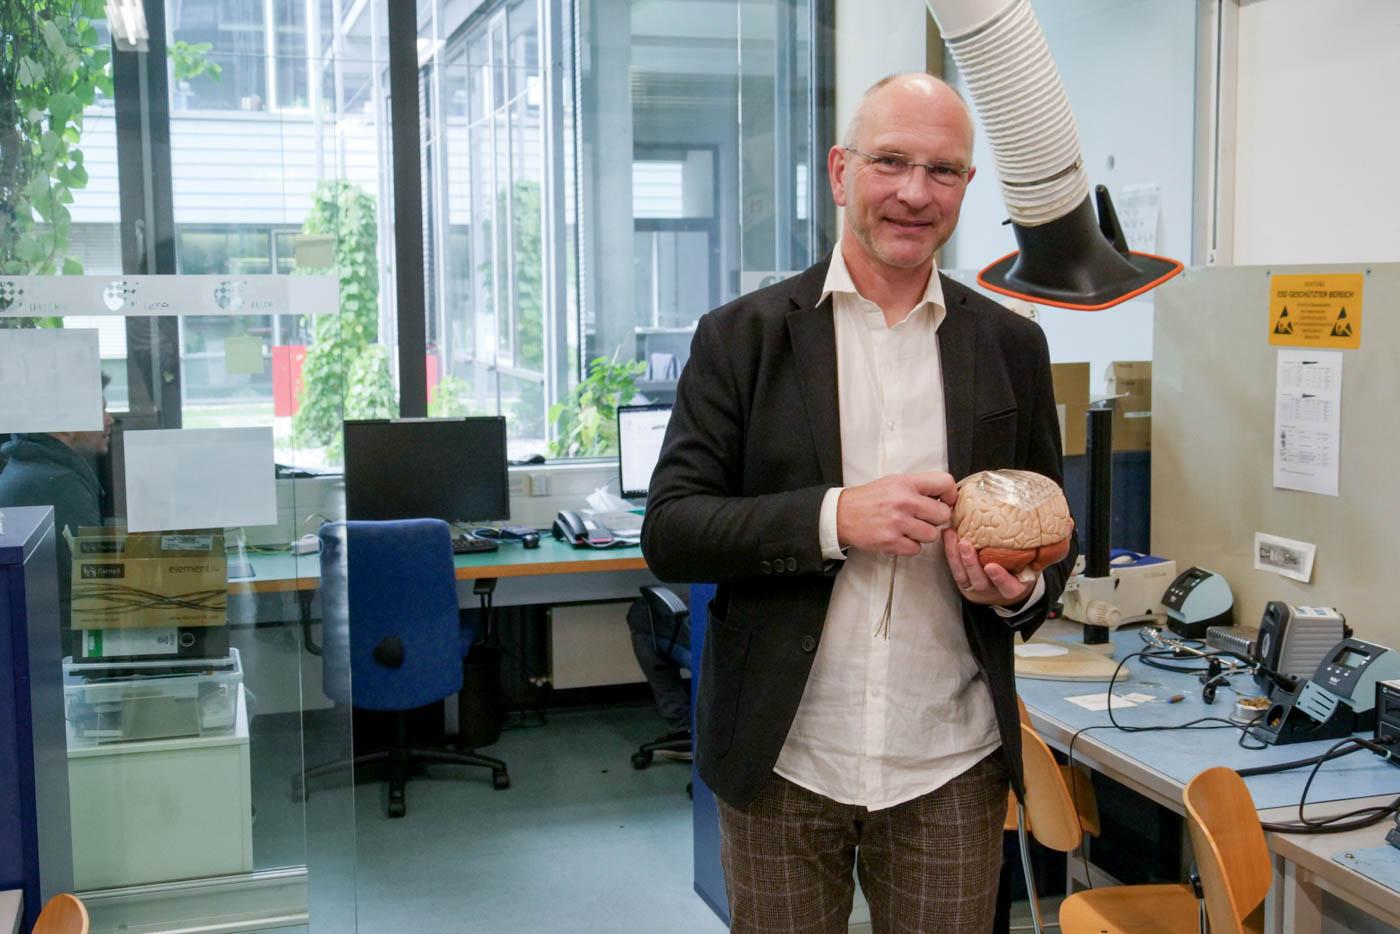 Herr Stiglitz mit einem Gehirnmodel in der Hand